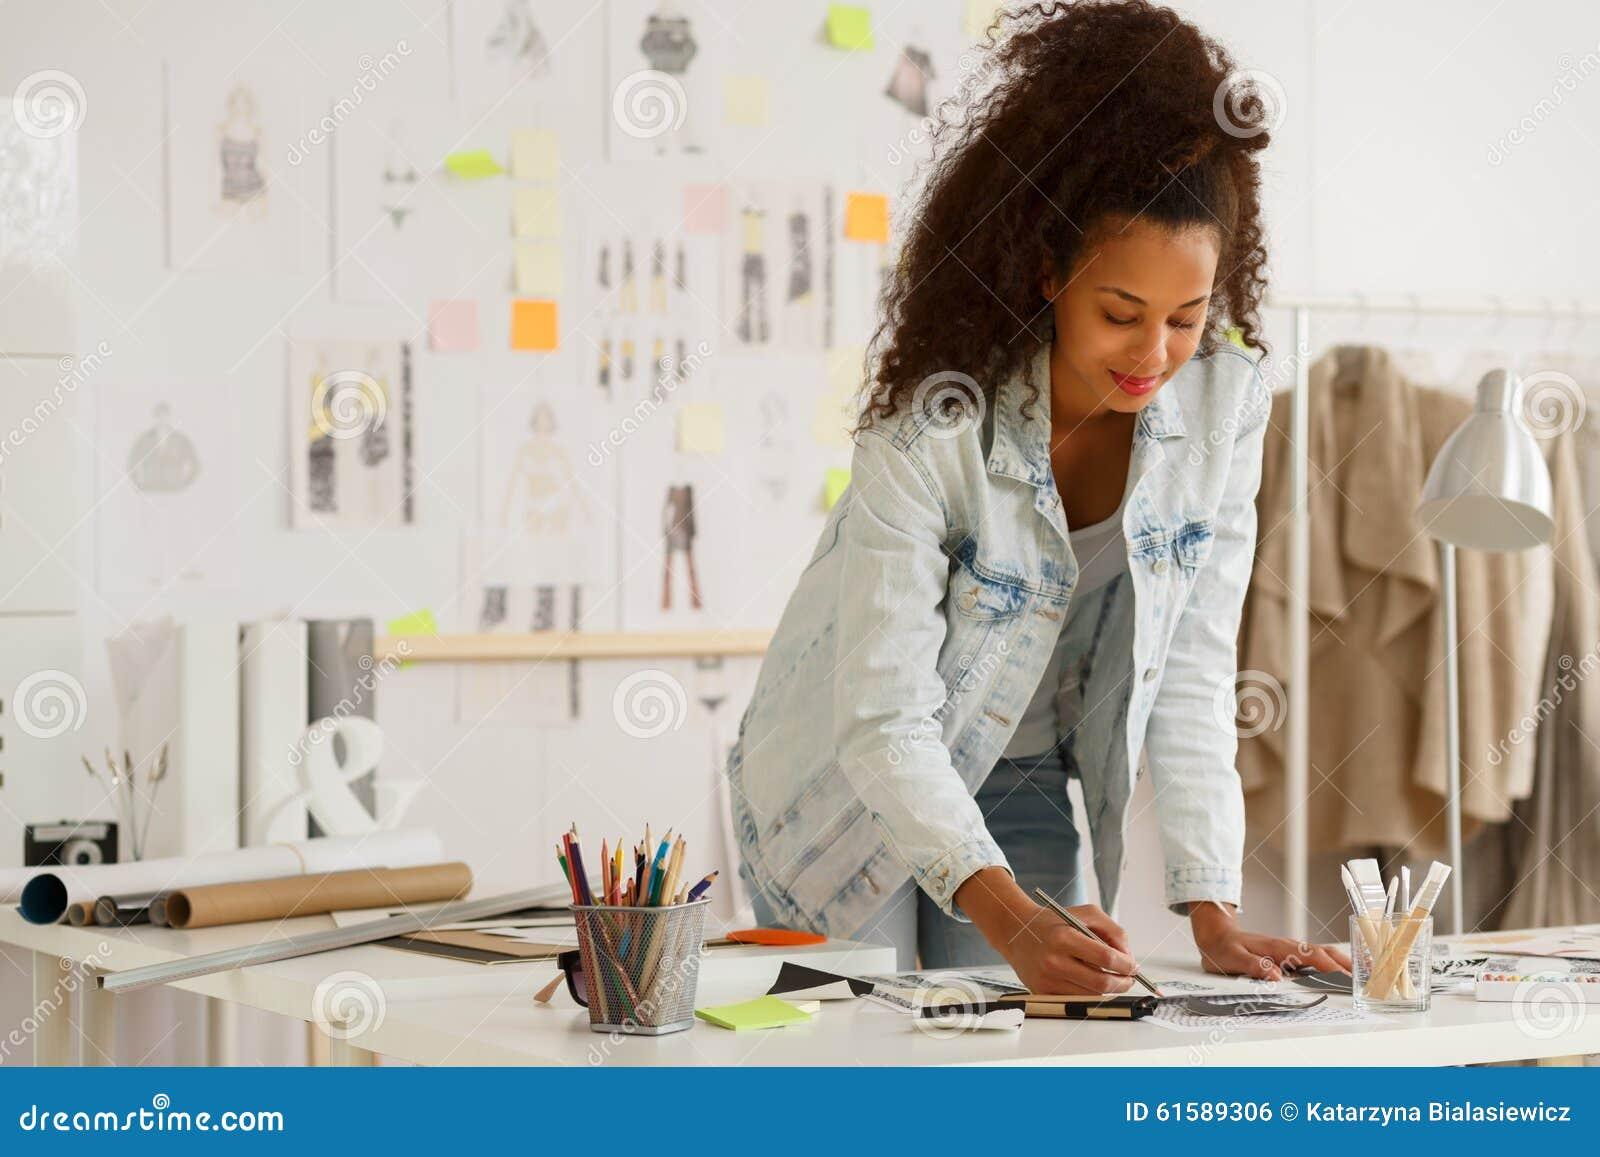 Fashion designer working in atelier